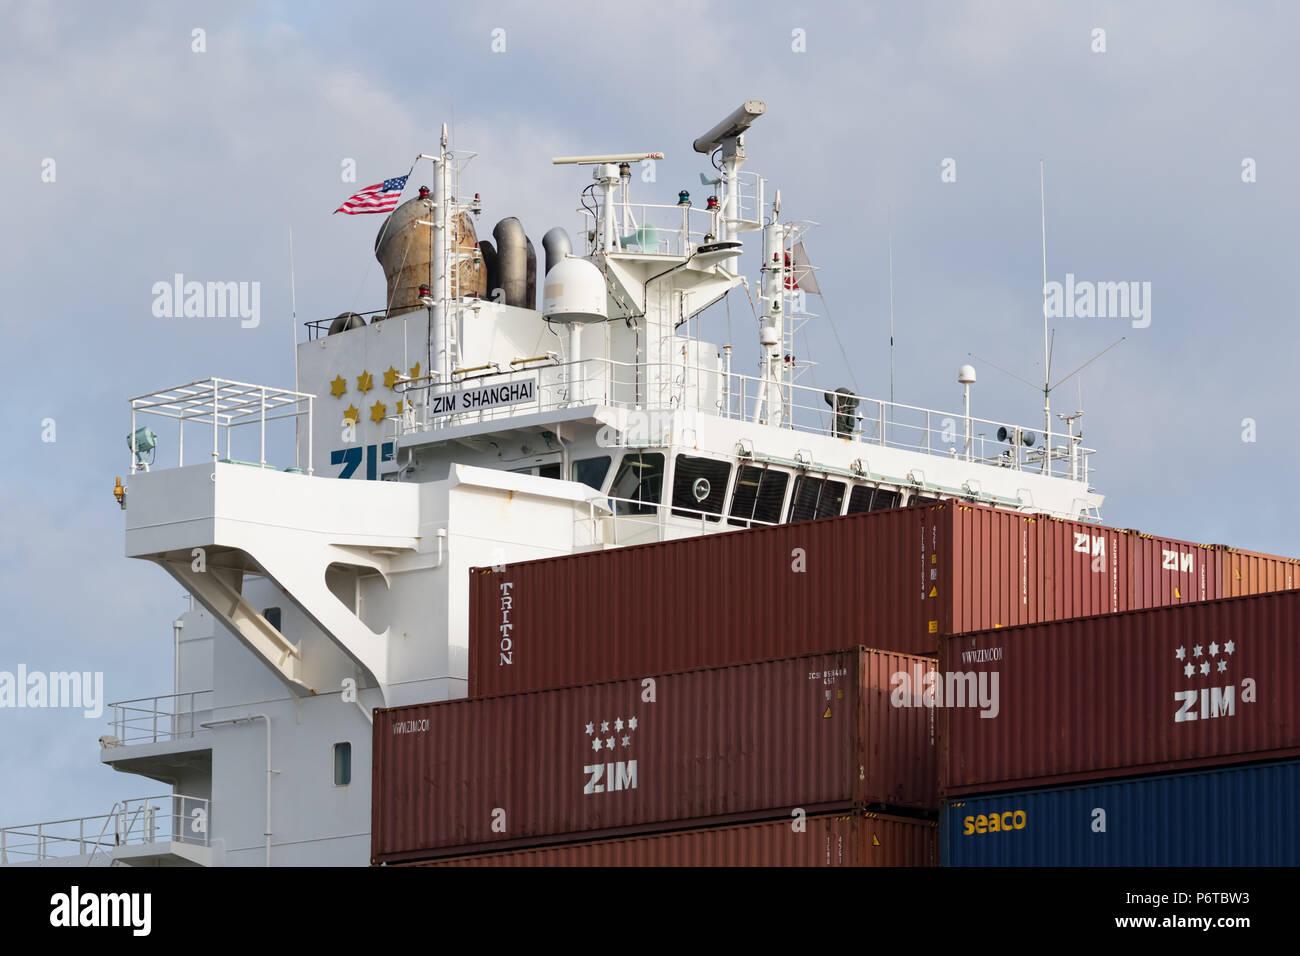 Brücke der Containerschiff Zim Shanghai Stockfoto